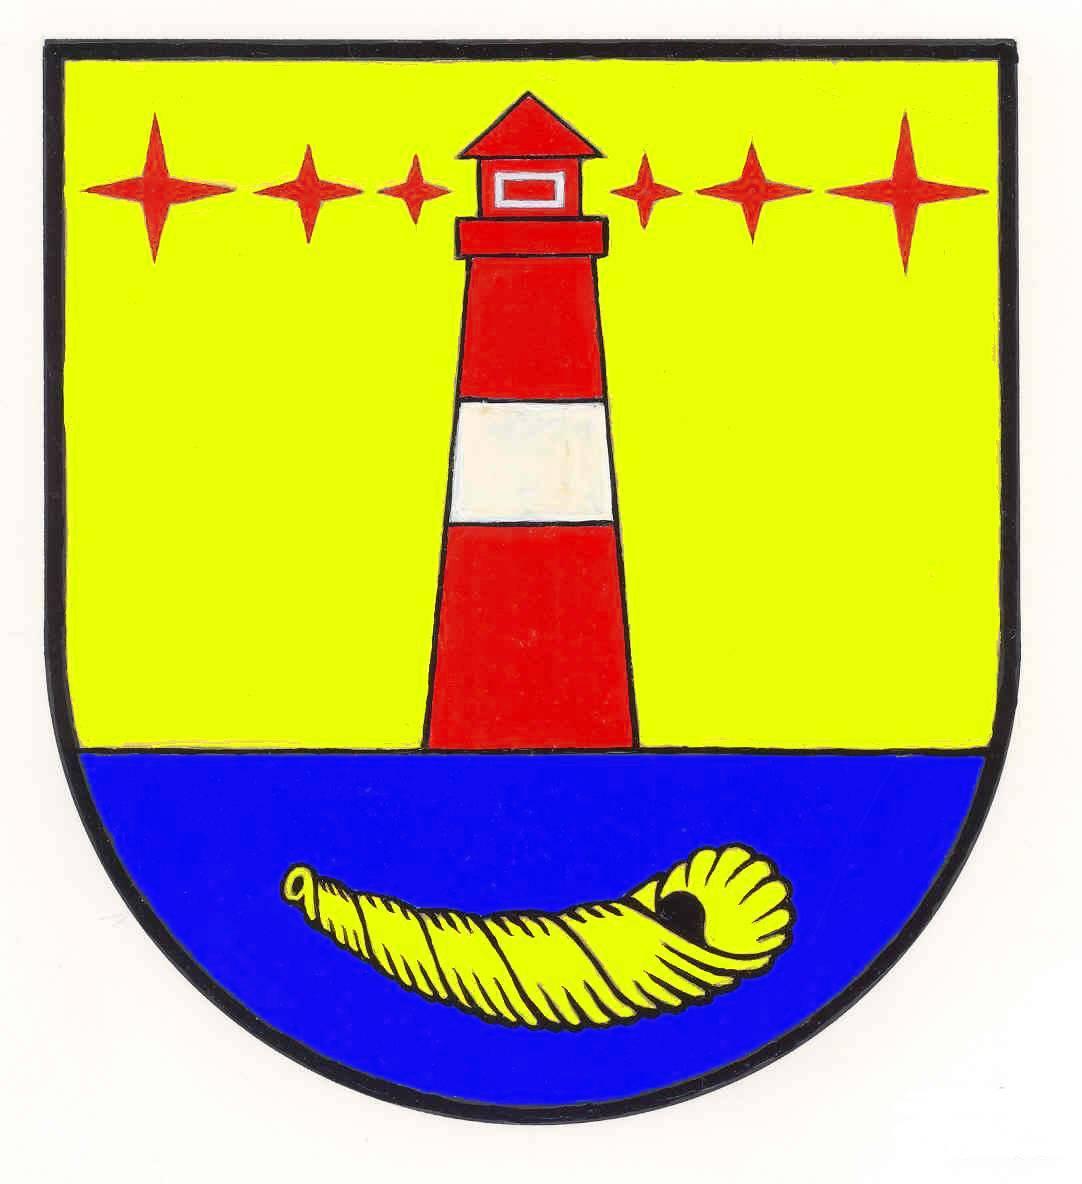 Wappen GemeindeHörnum, Kreis Nordfriesland